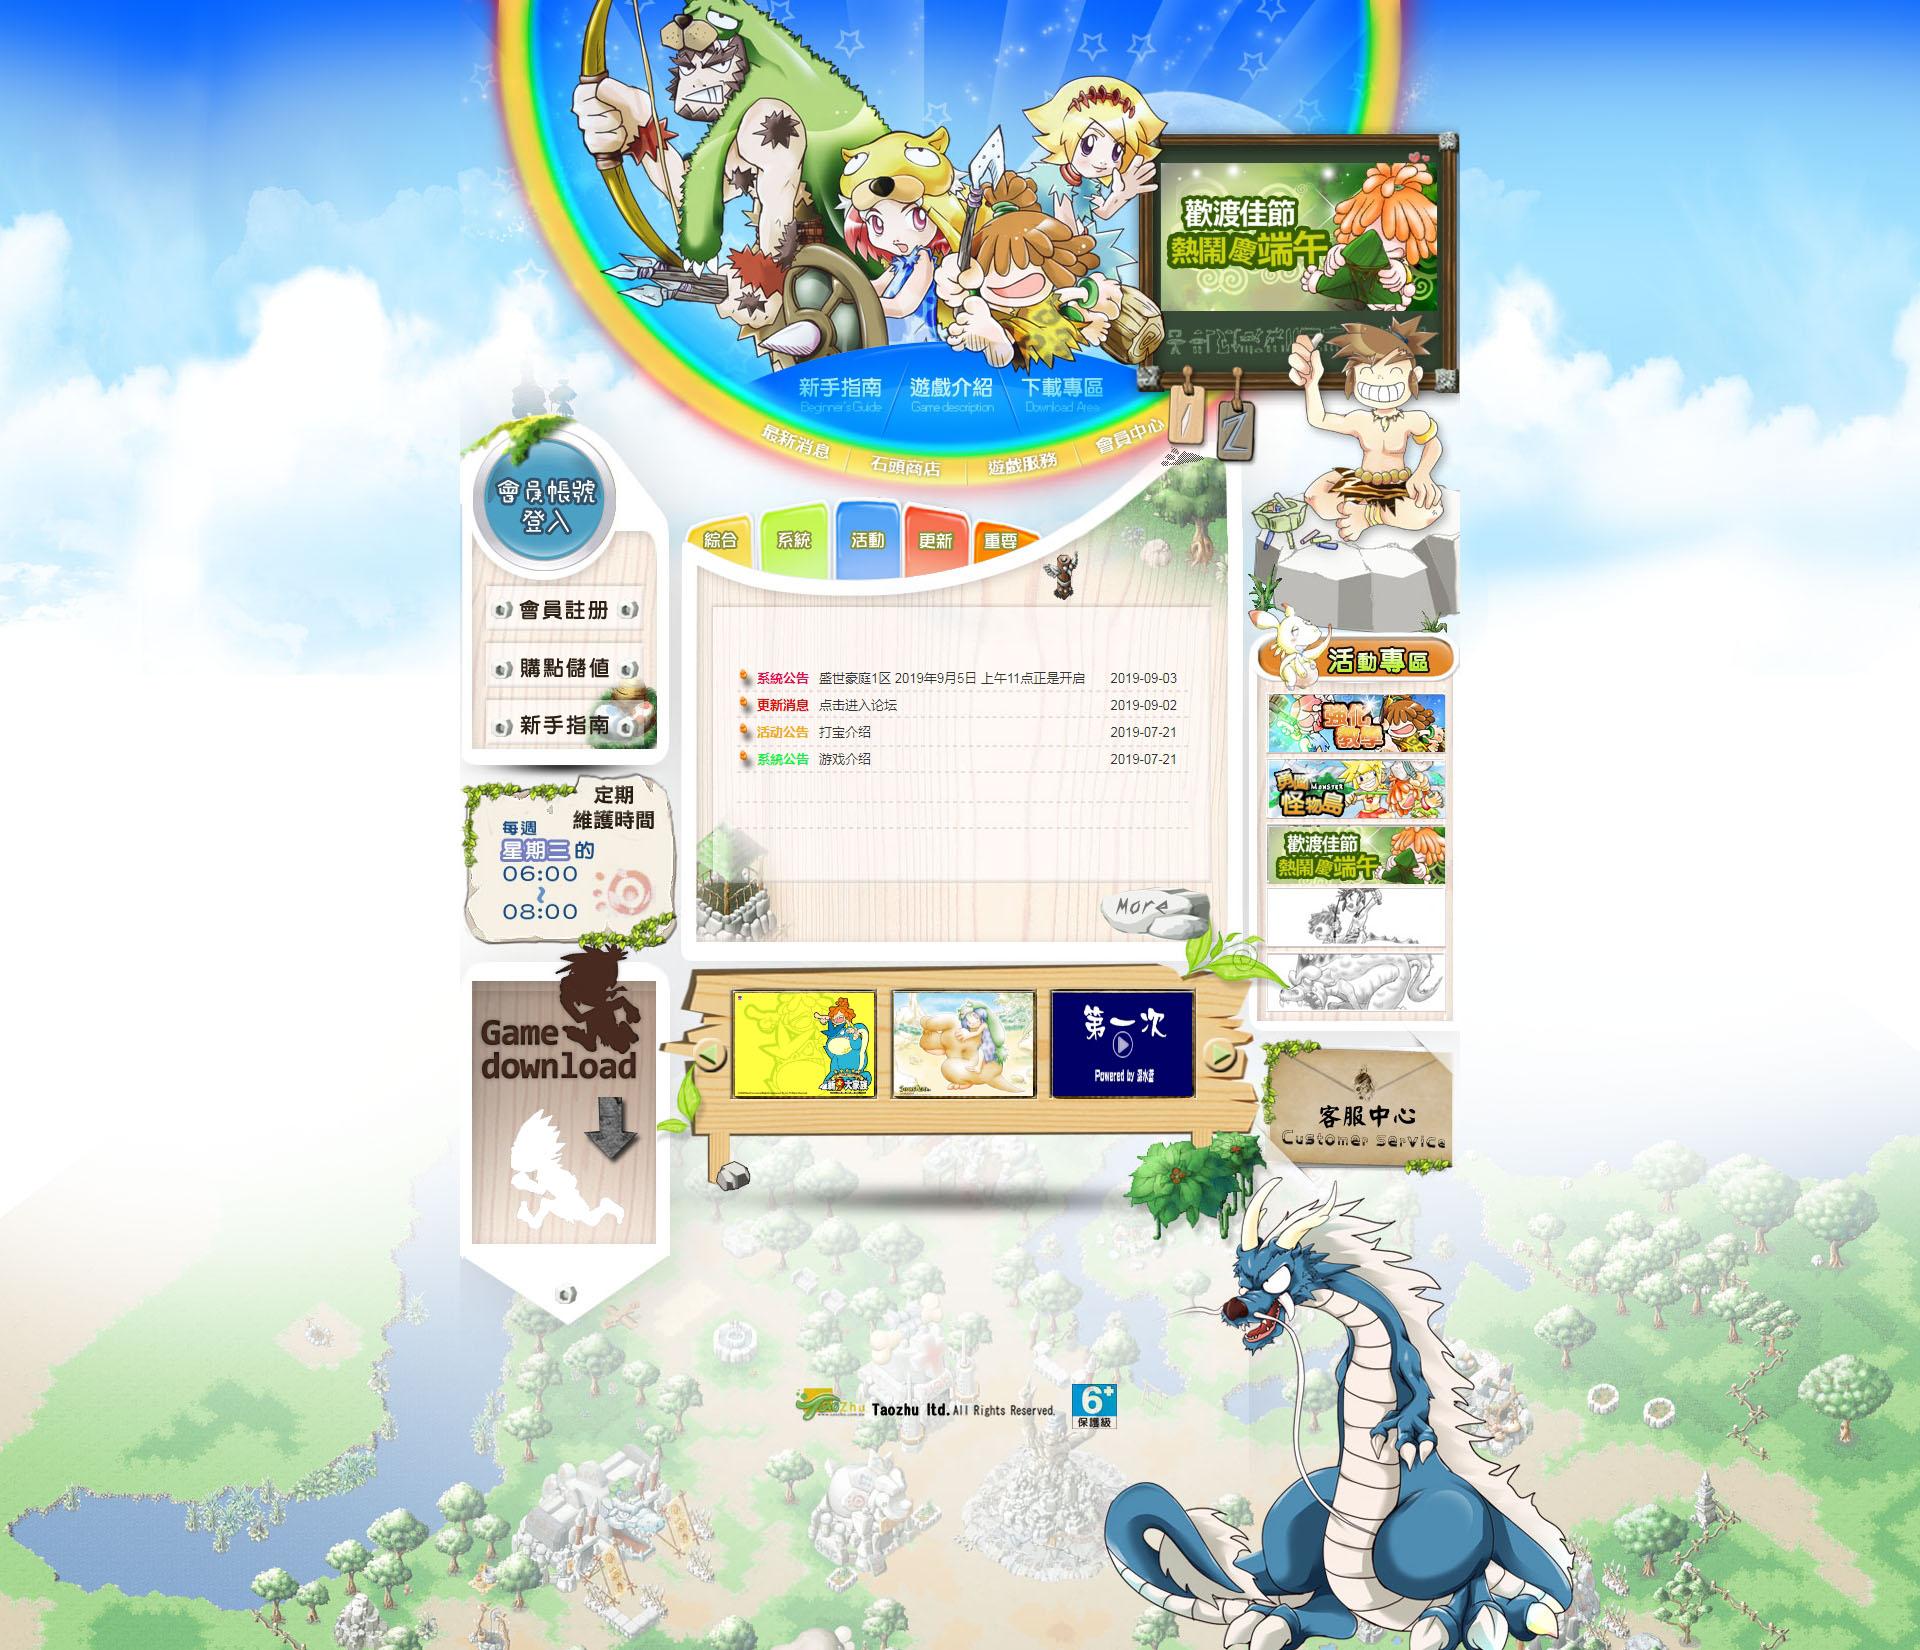 台湾石器时代网站 游戏网模版PHP冒险岛源码 官网模板带后台